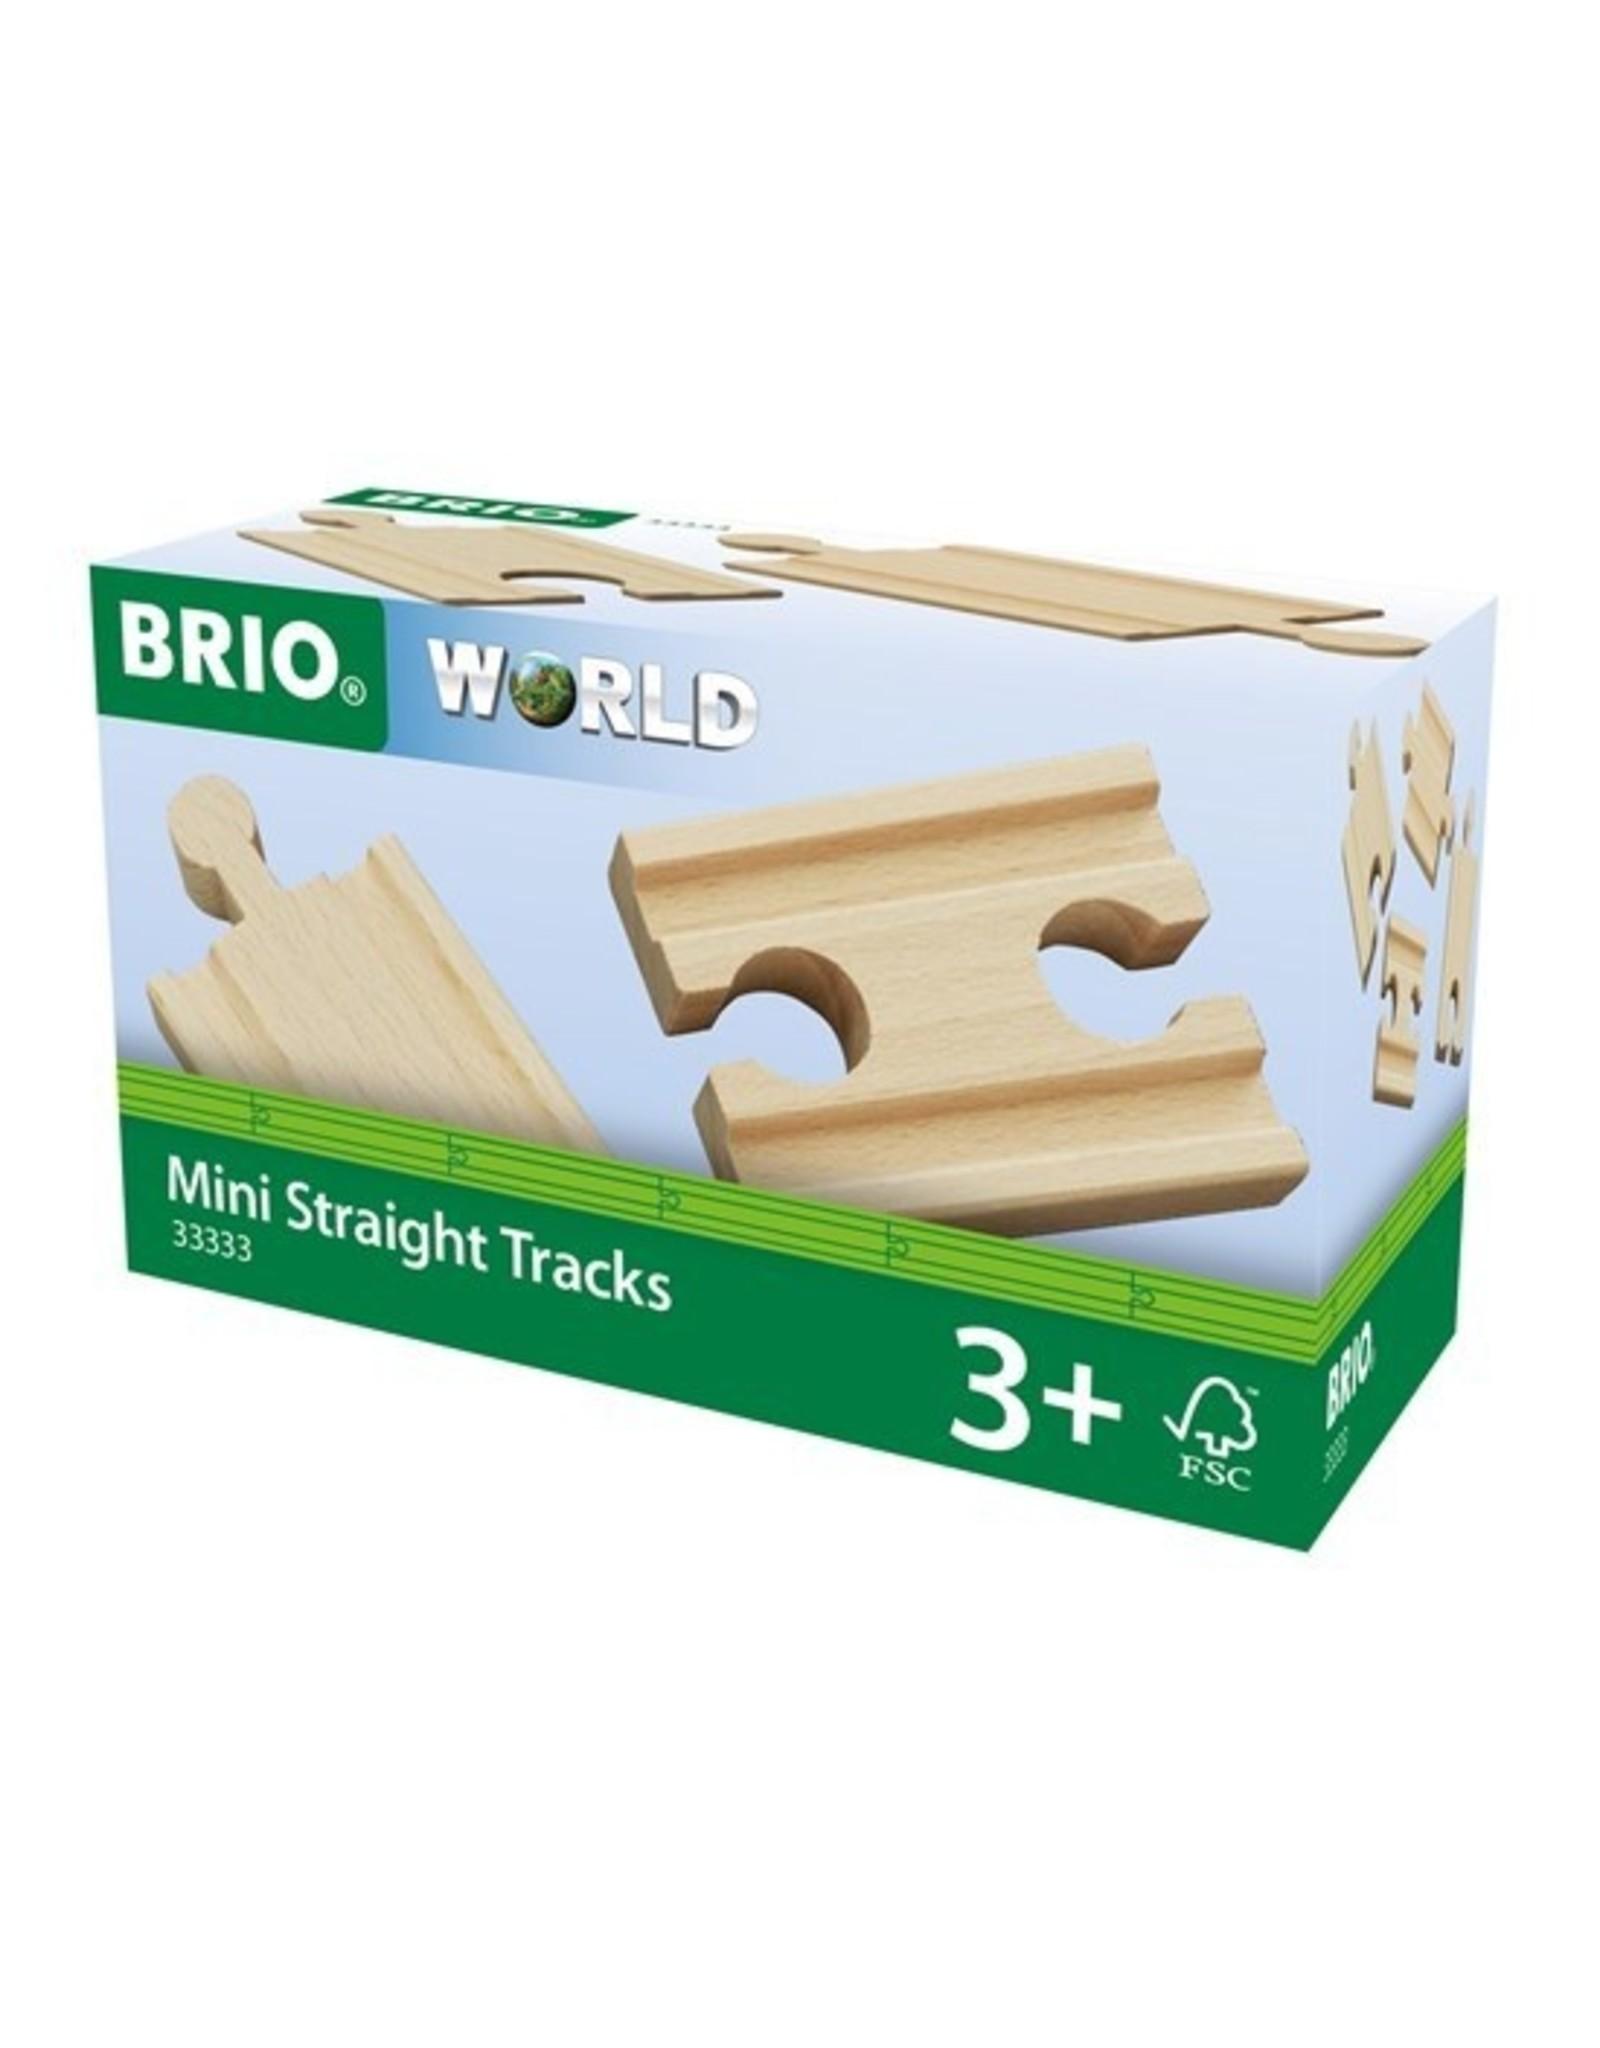 Brio Brio Mini Straight Tracks